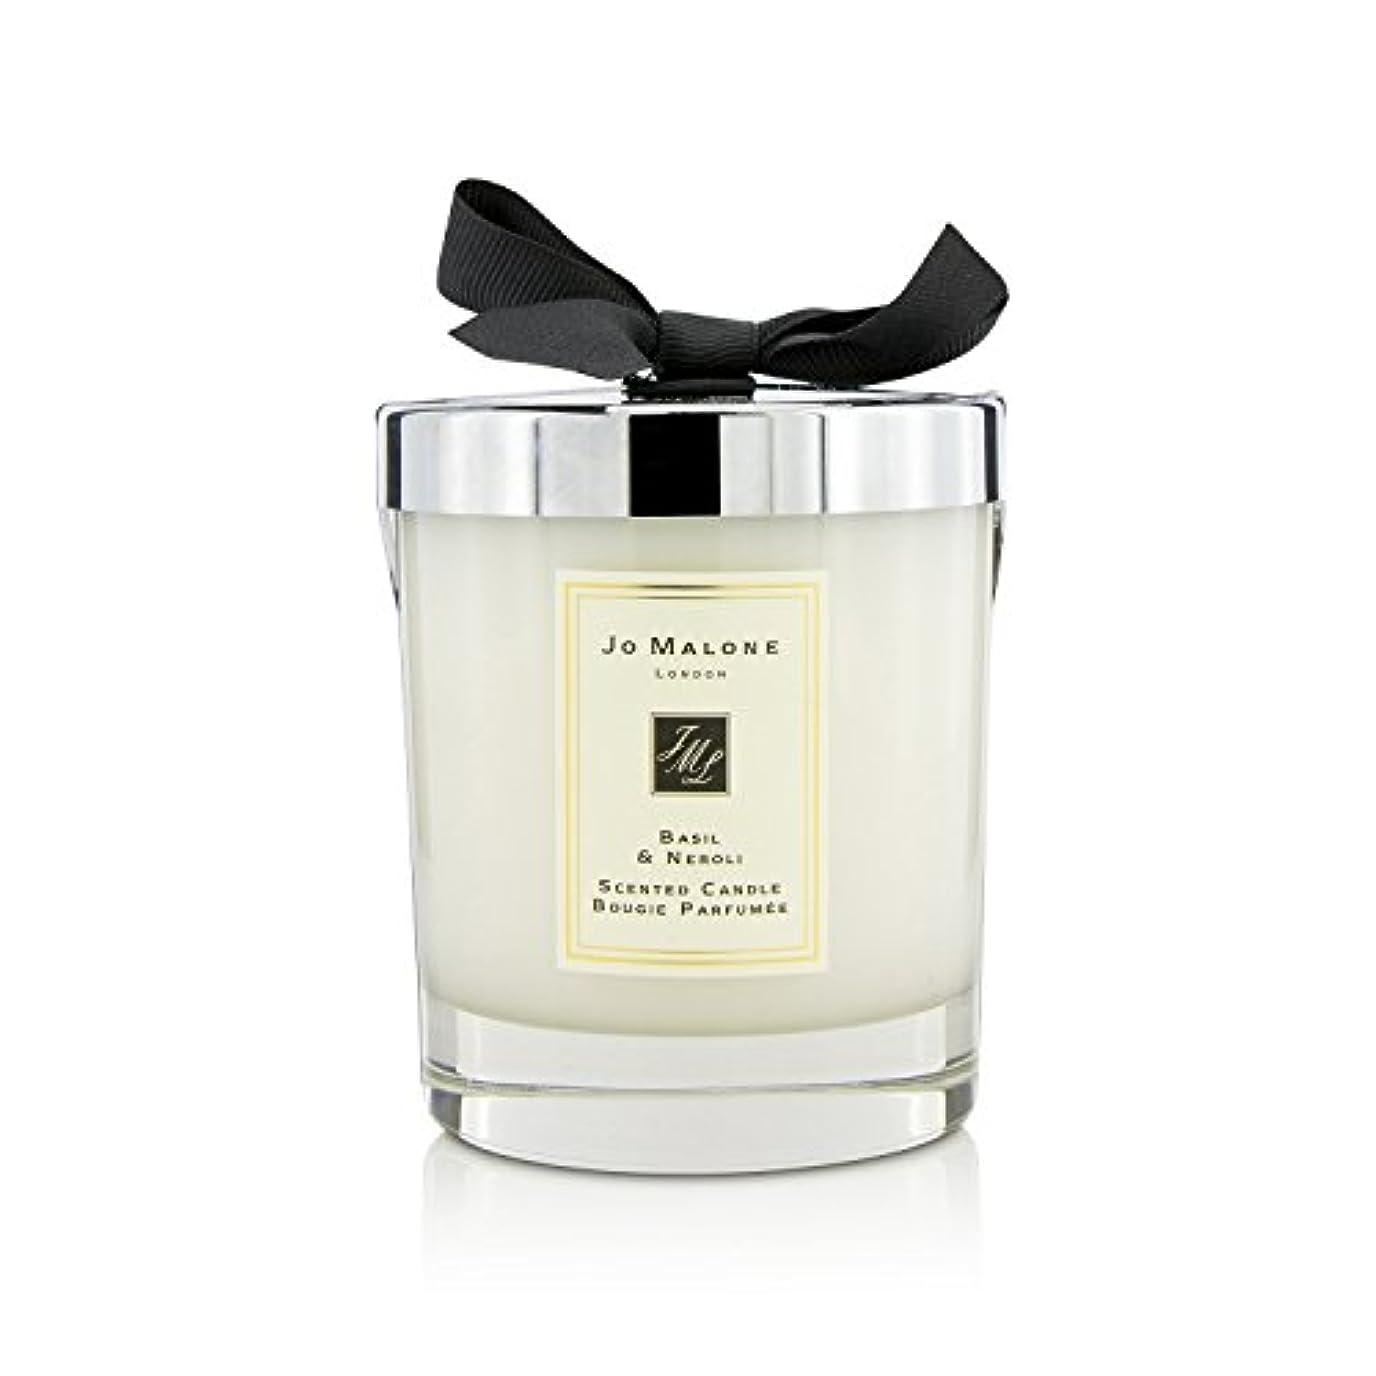 即席最後に革命[Jo Malone(ジョーマローン)] バジル&ネロリの香りのキャンドル 200g (2.5 inch)